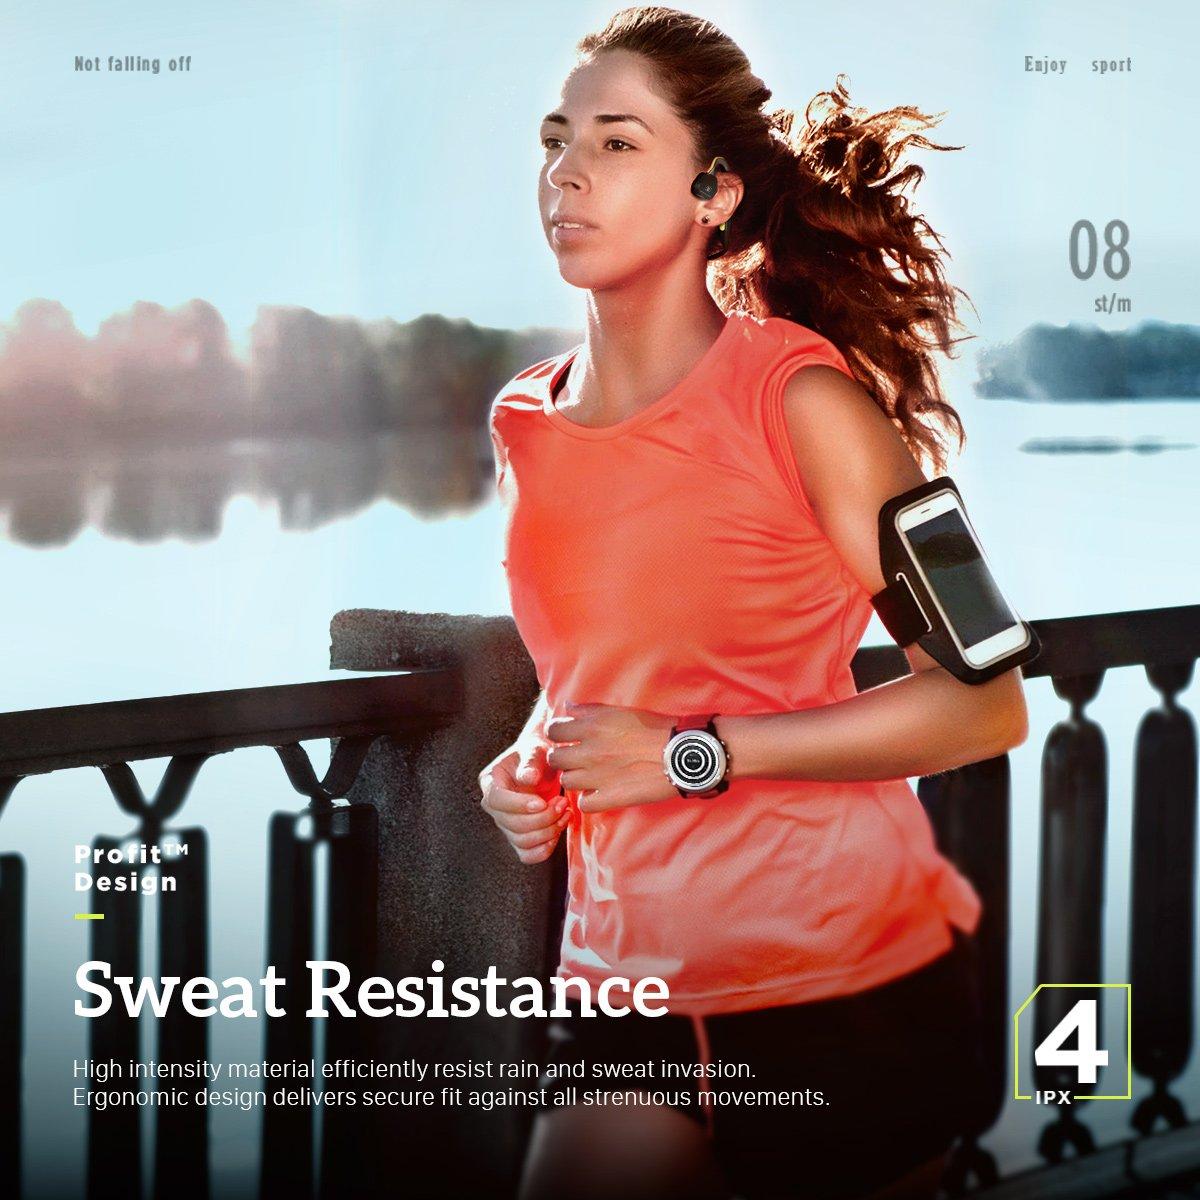 Auriculares de Conducción Ósea Bluetooth 4.1 Inalámbrico para Correr Deportes Oído Abierto IPX 4 Impermeable Prueba de Sudor con Micrófono (Verde Neón)